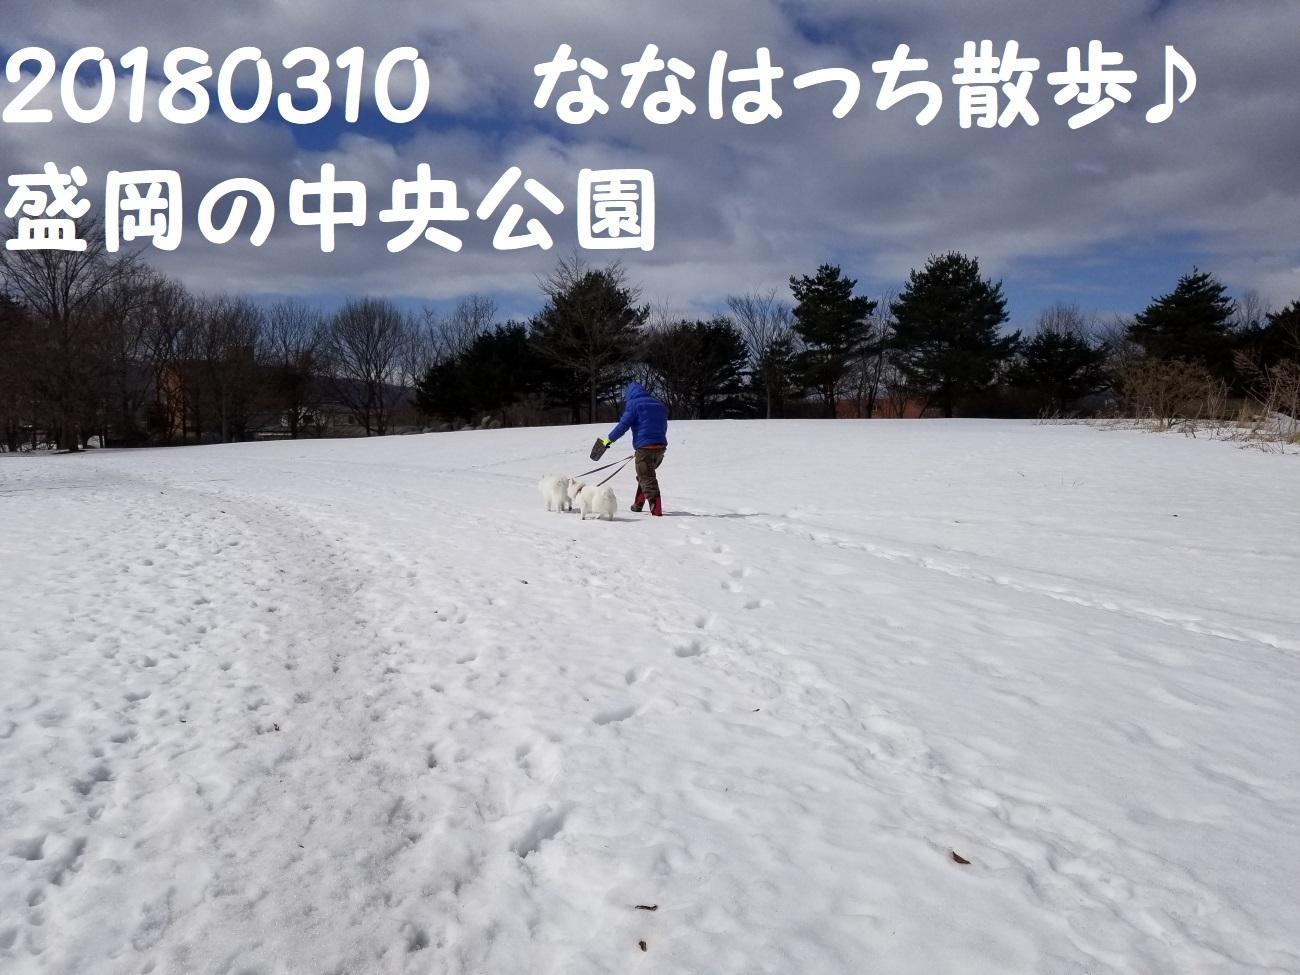 20180310_105853.jpg